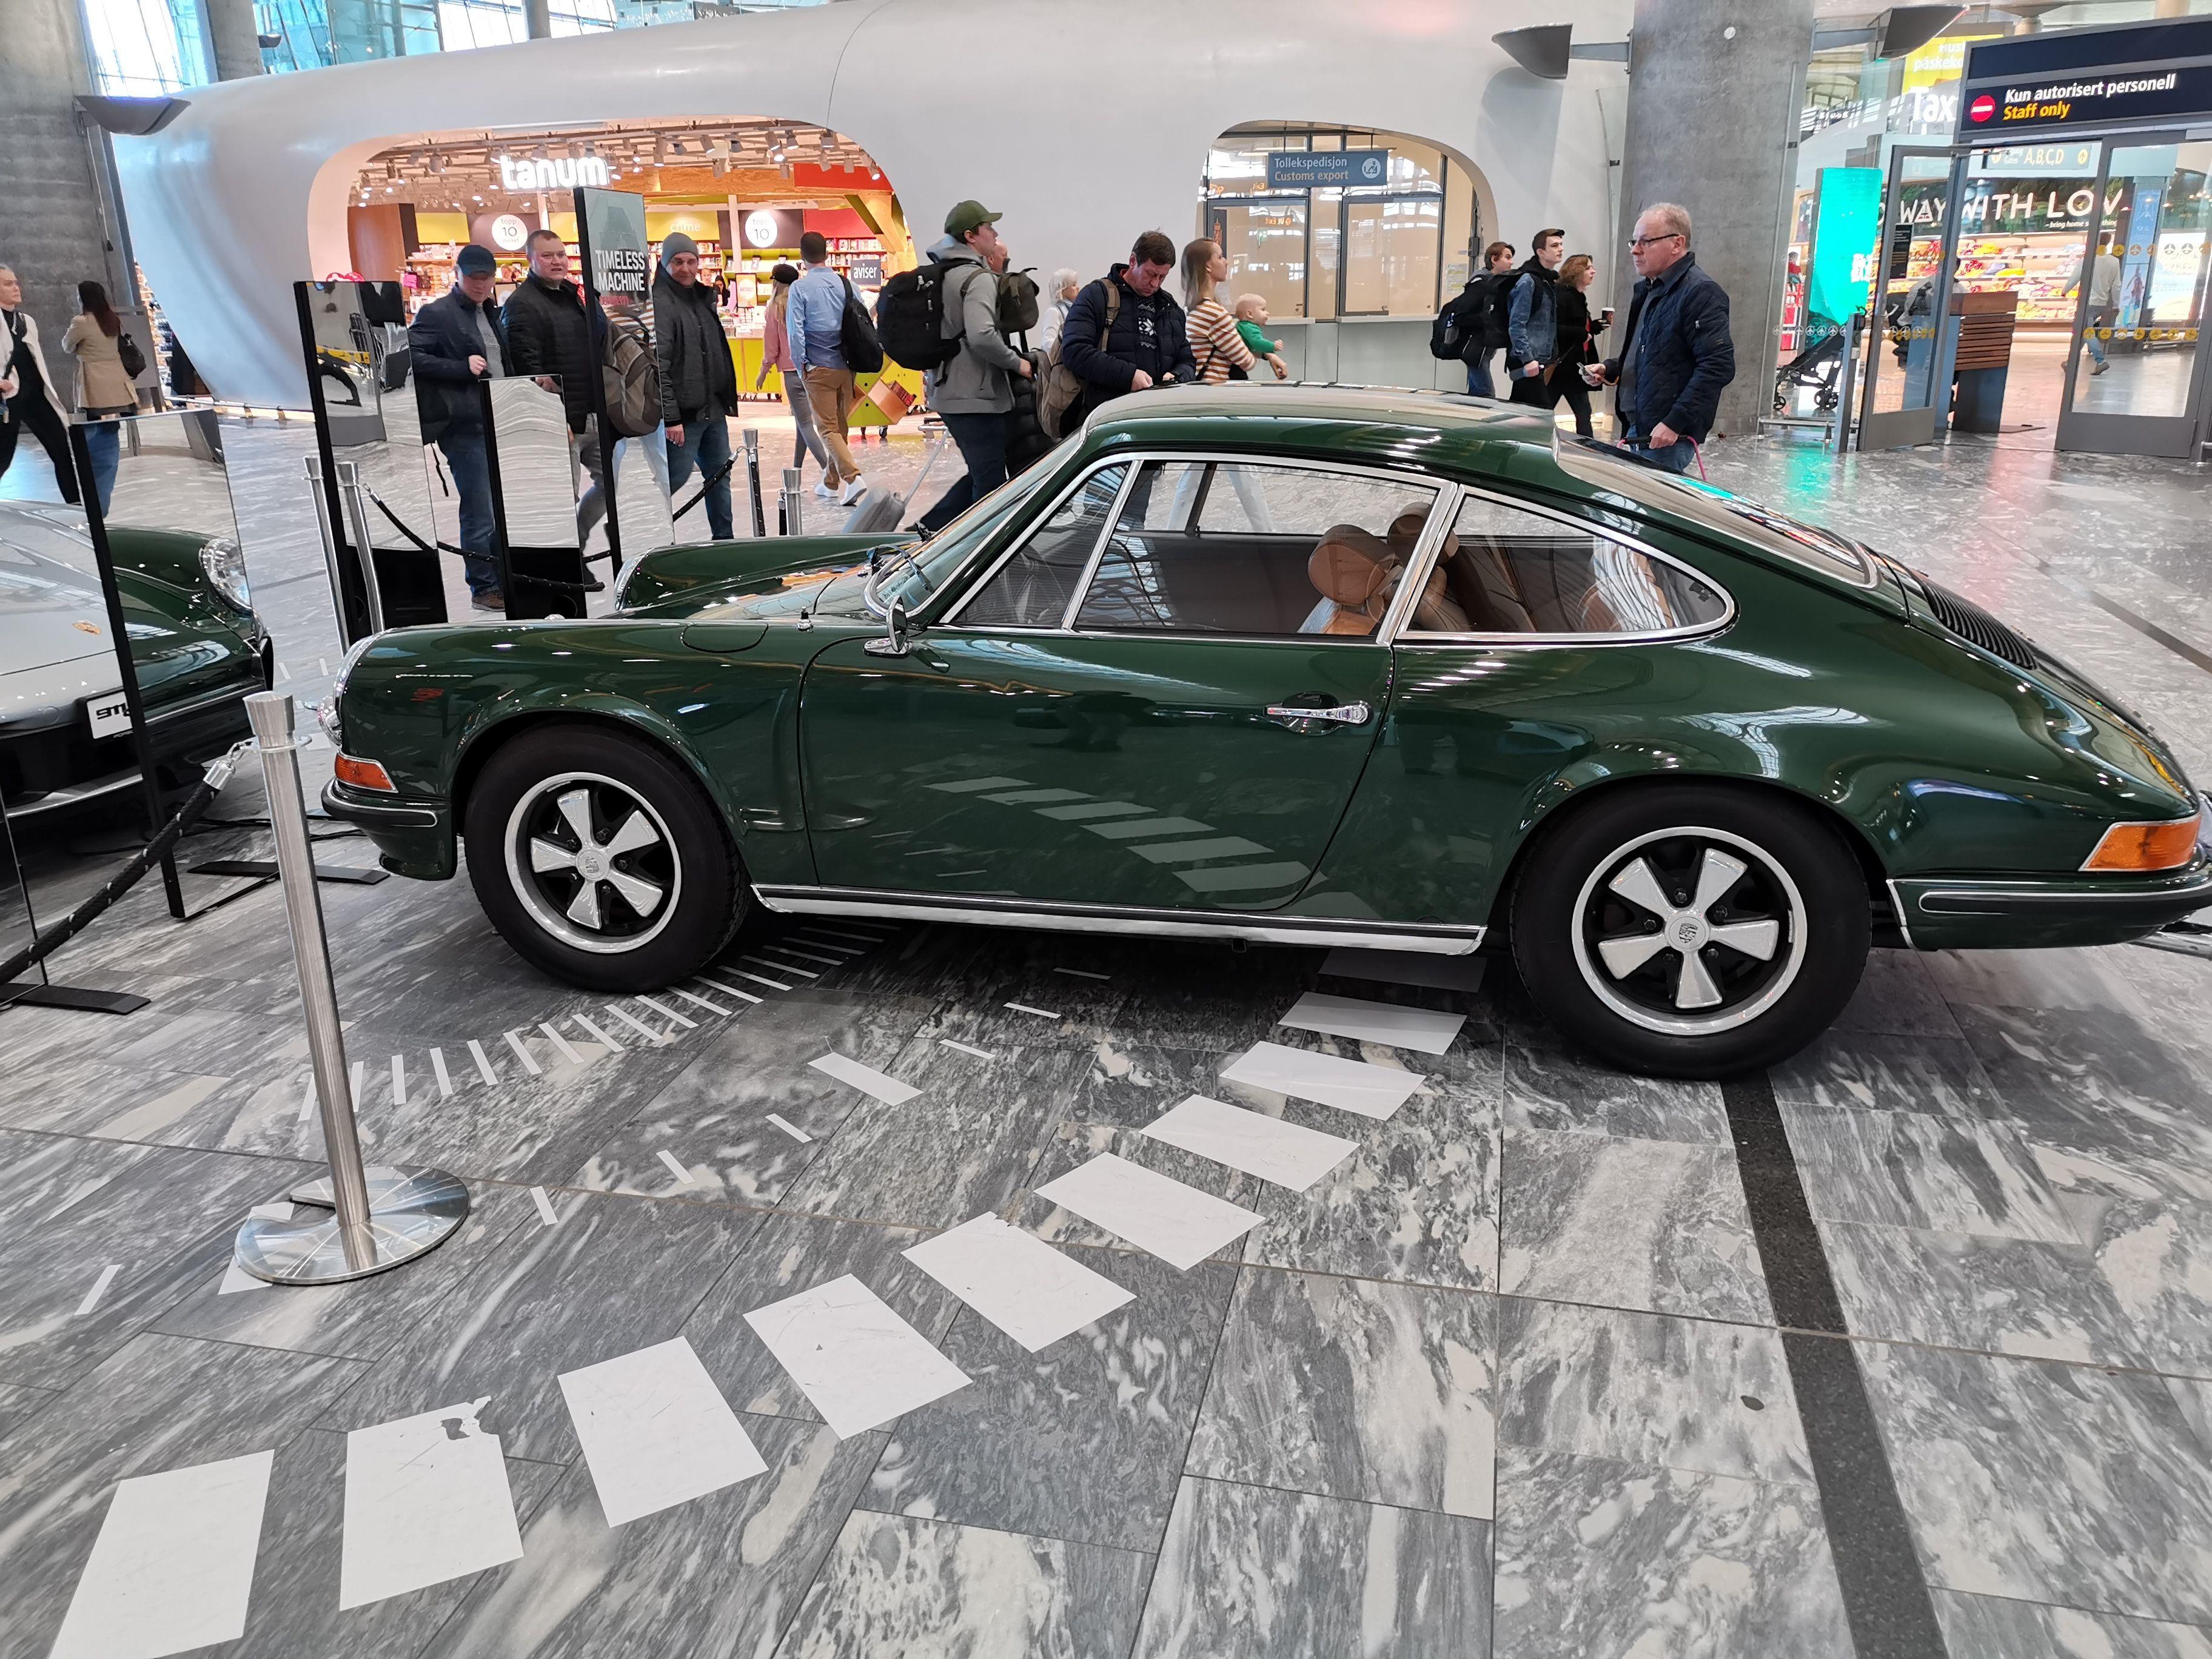 Denne gamle Porschen var grønn uansett vinkel.